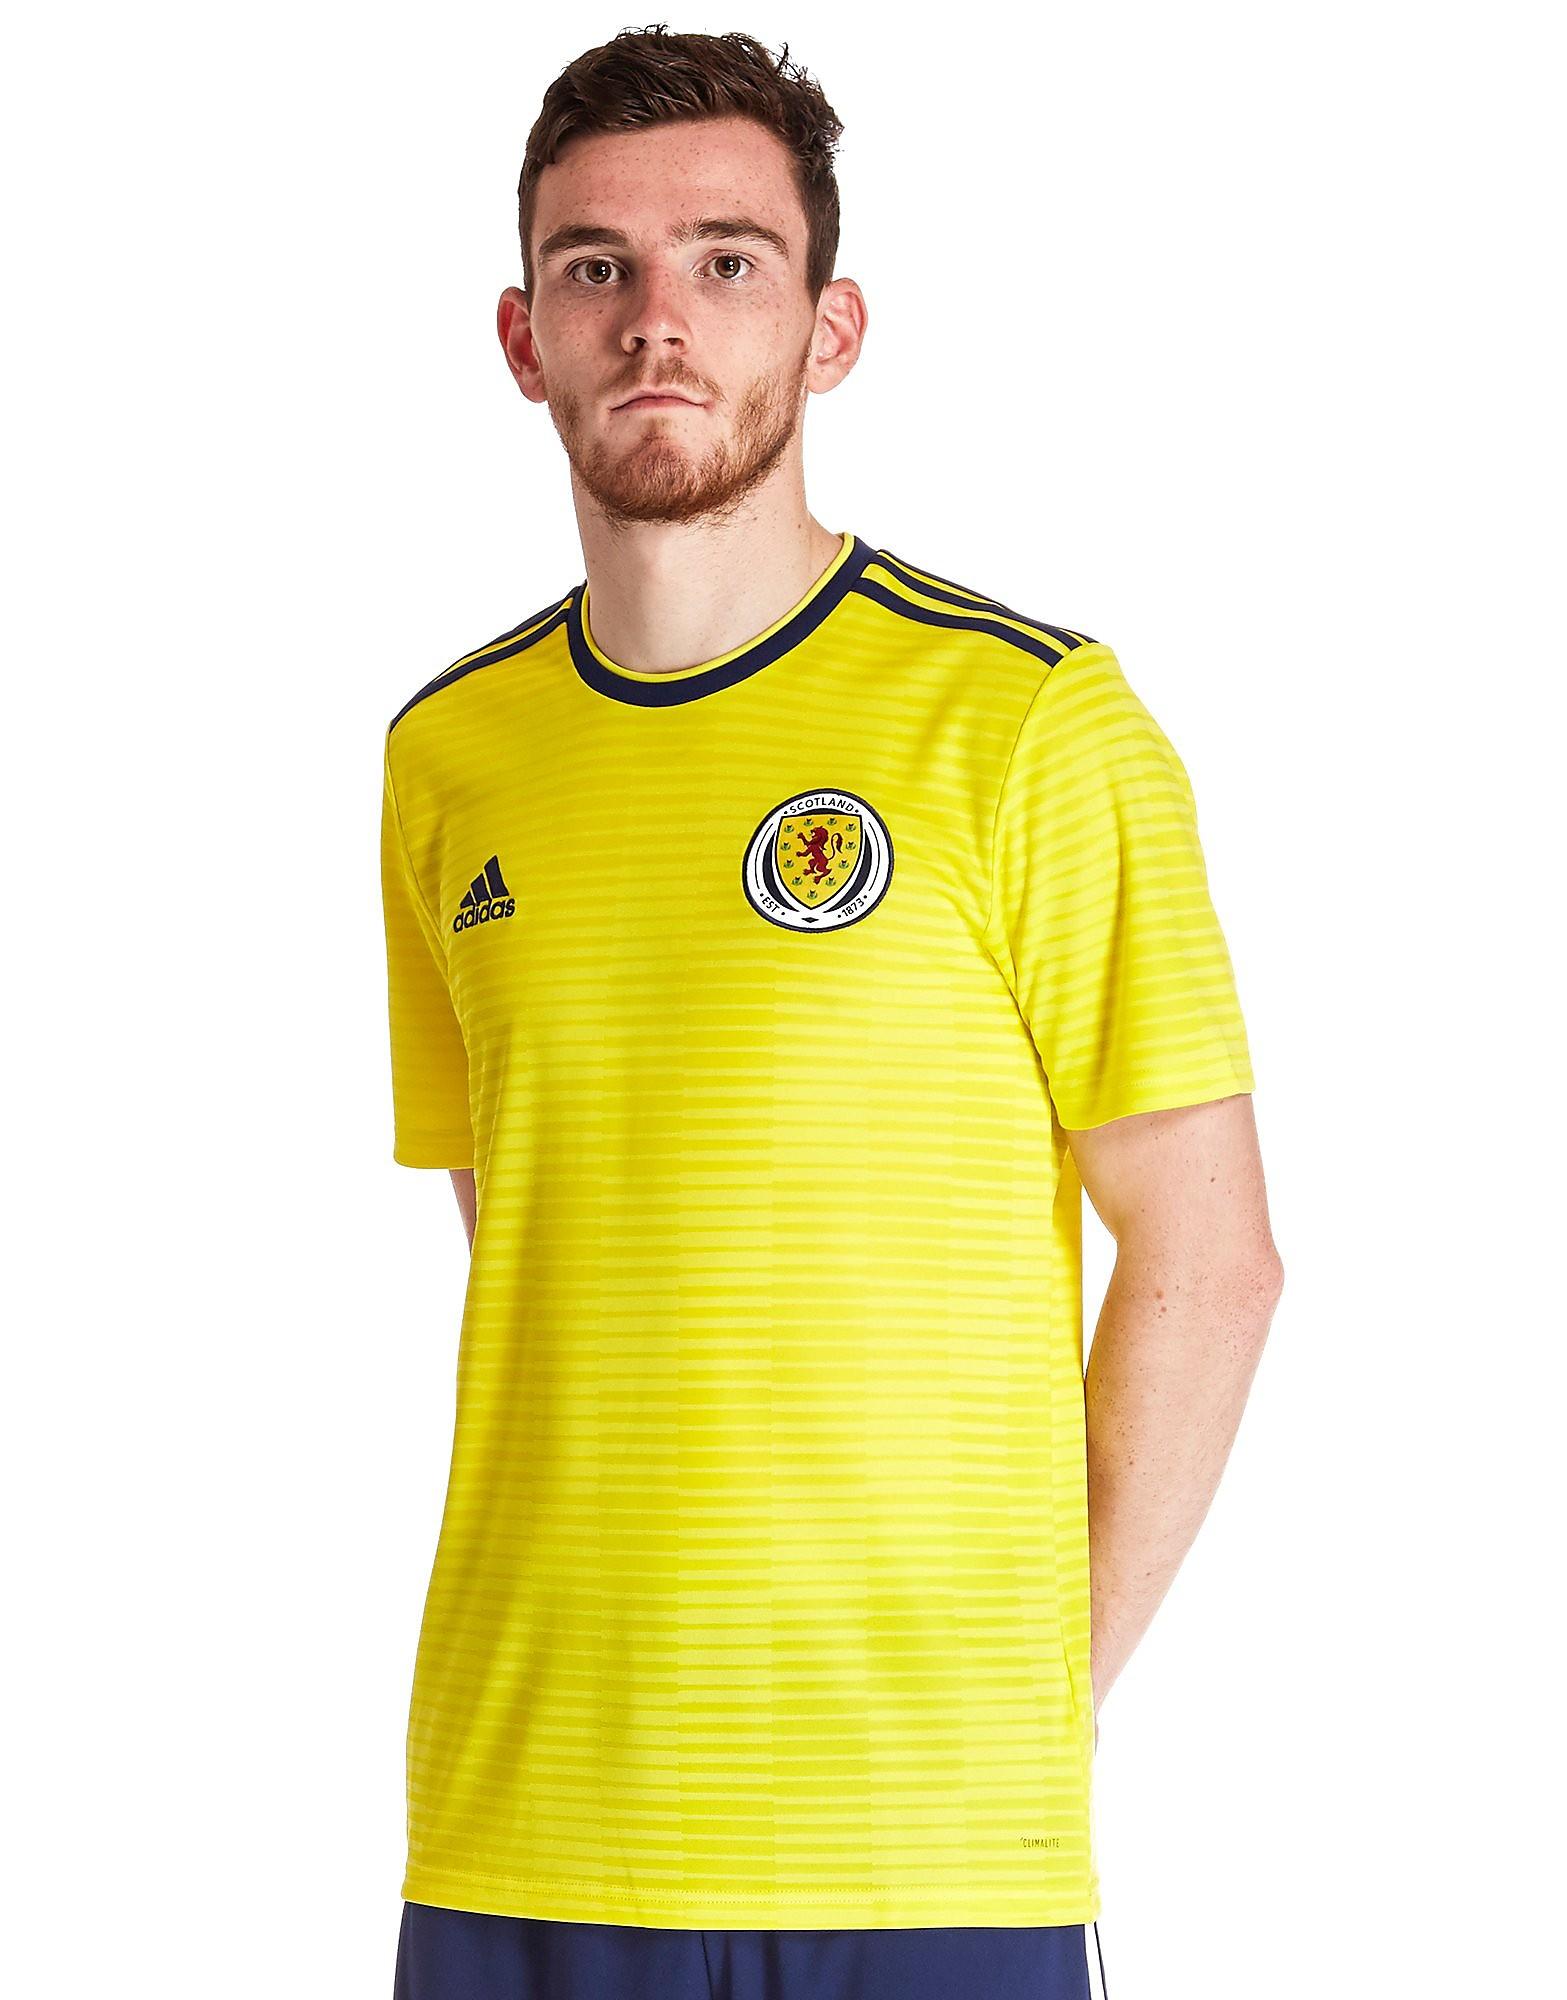 adidas camiseta Escocia 2018/19 2.ª equipación